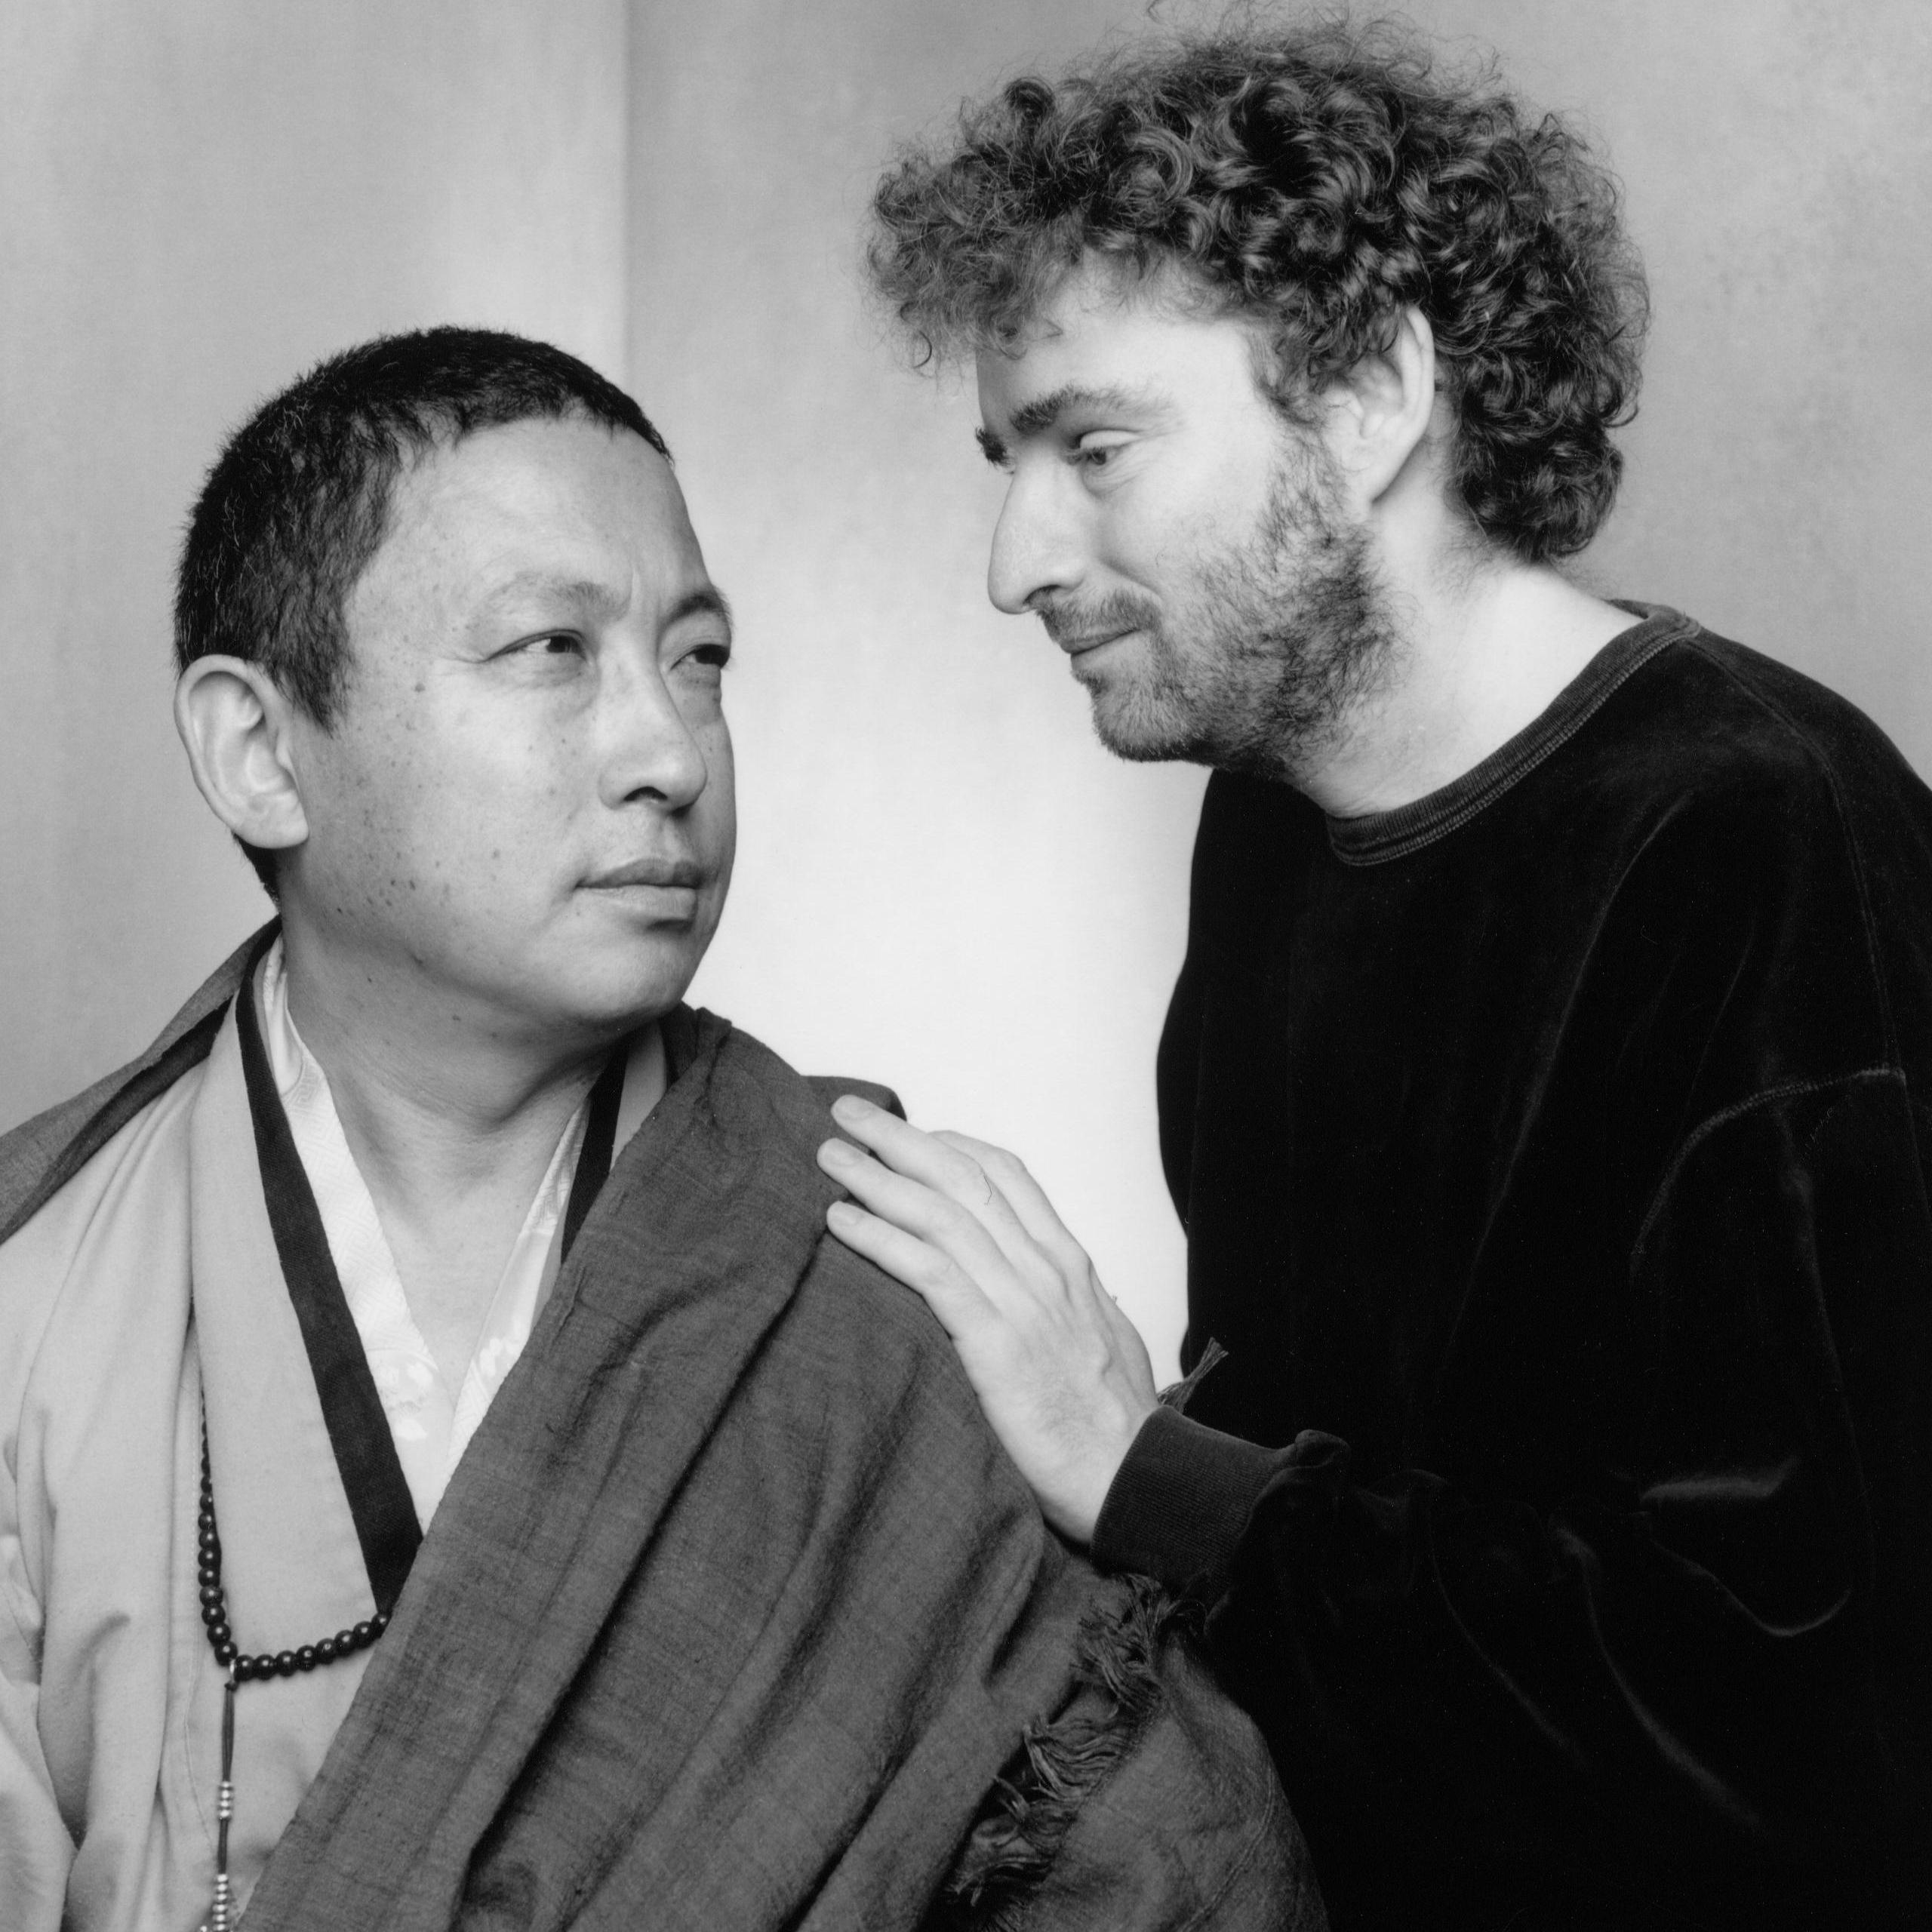 Avec_Lama Gyurme 1997 (Photo Sheila Rock-DR)